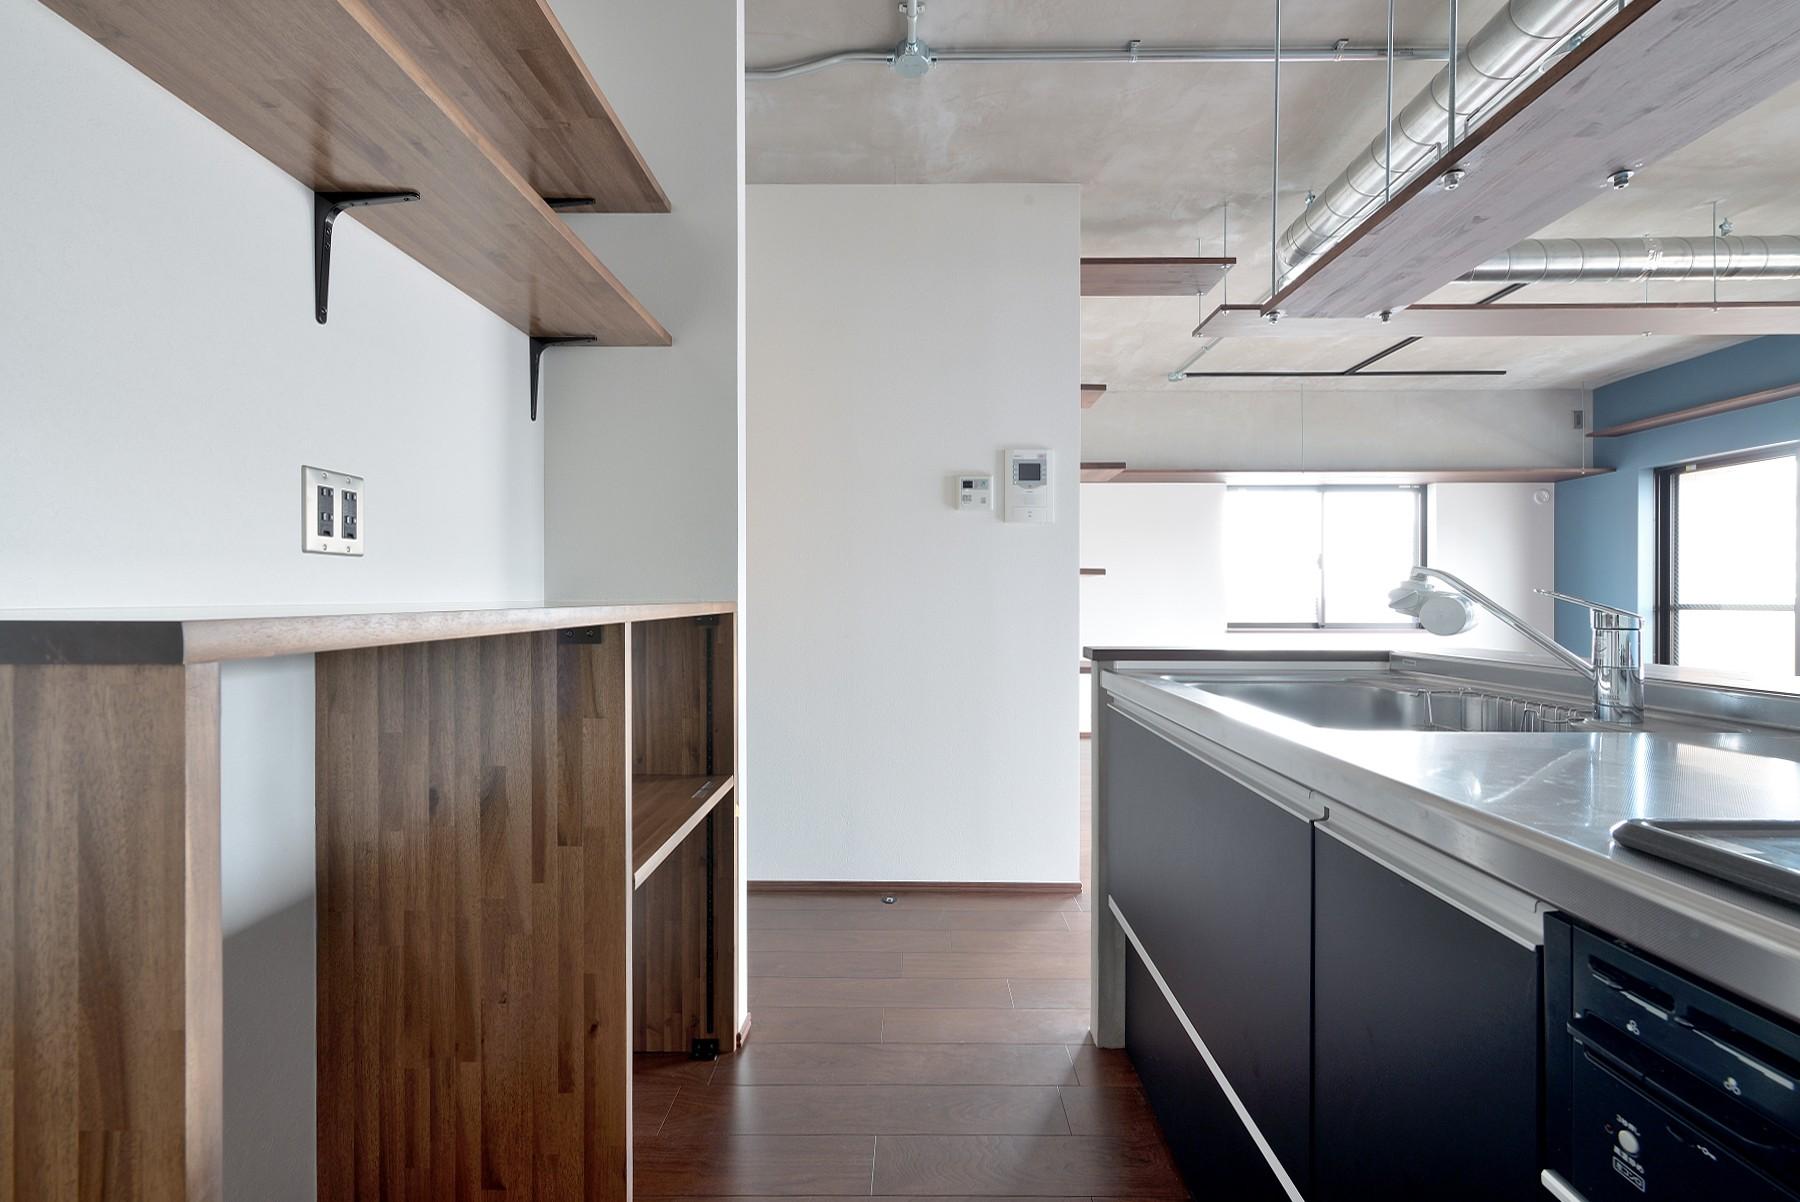 キッチン事例:キッチン(モルタル仕上げのキッチン×キャットステップのあるワンストップリノベーション住まい)